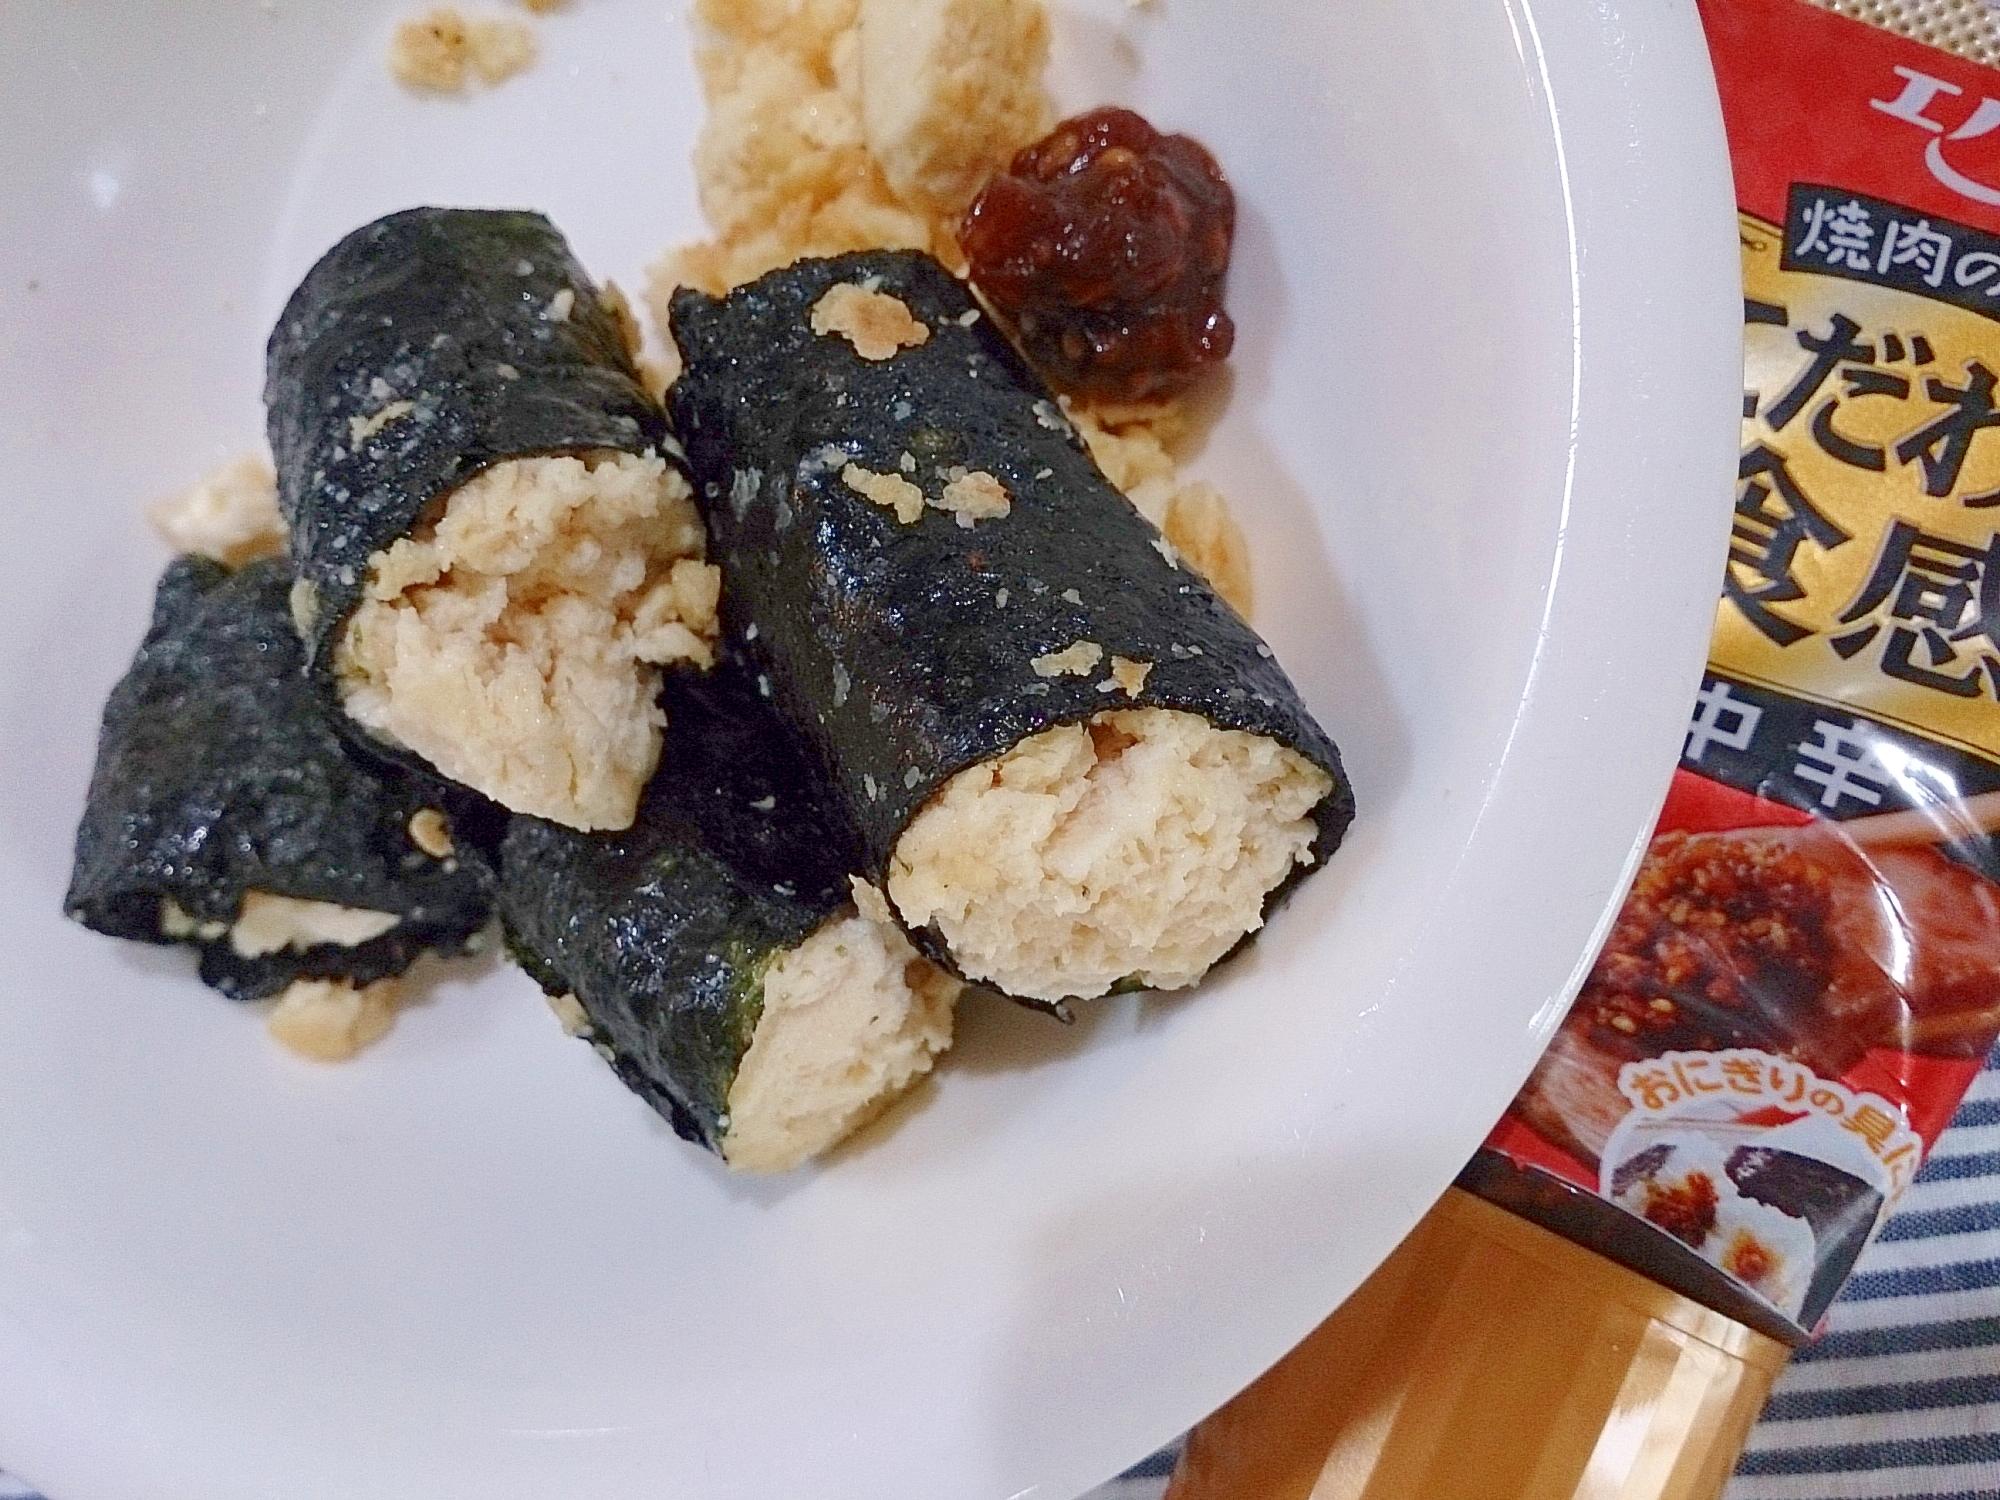 冷凍豆腐で海苔巻きの揚げ焼き風